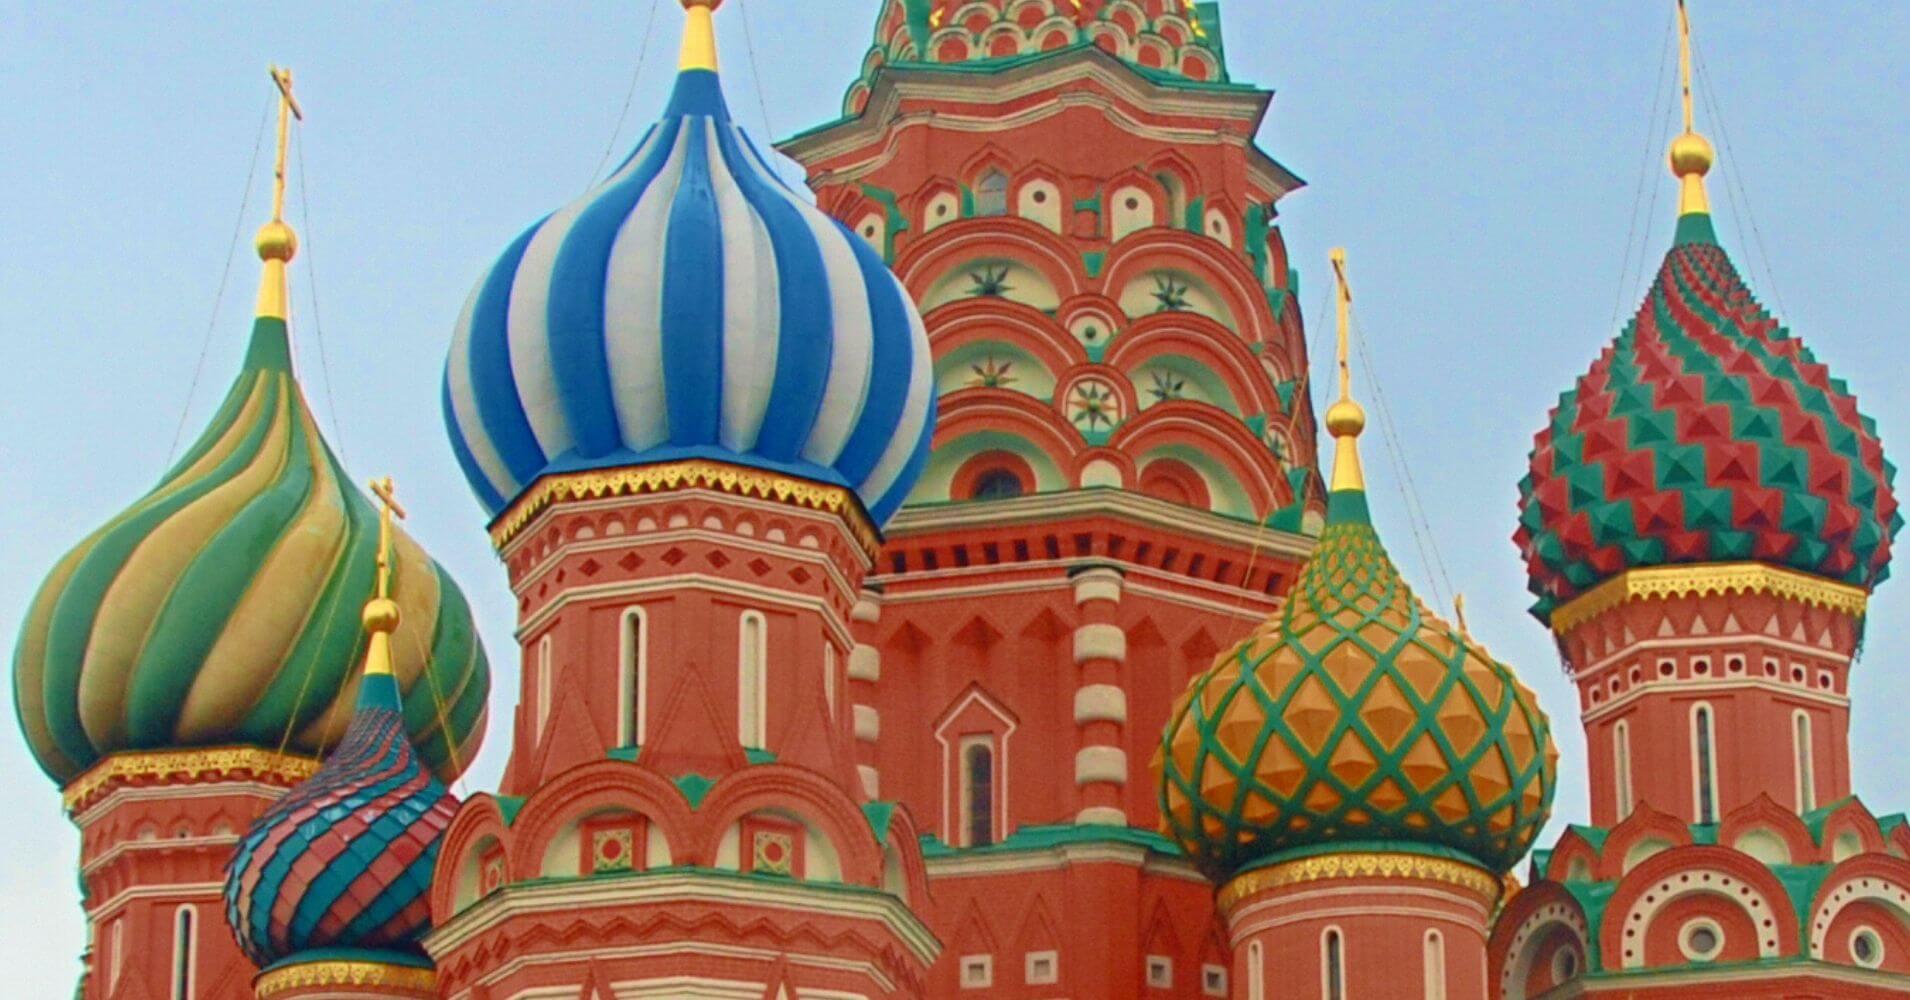 Catedral de San Basilio, Moscú. Rusia.